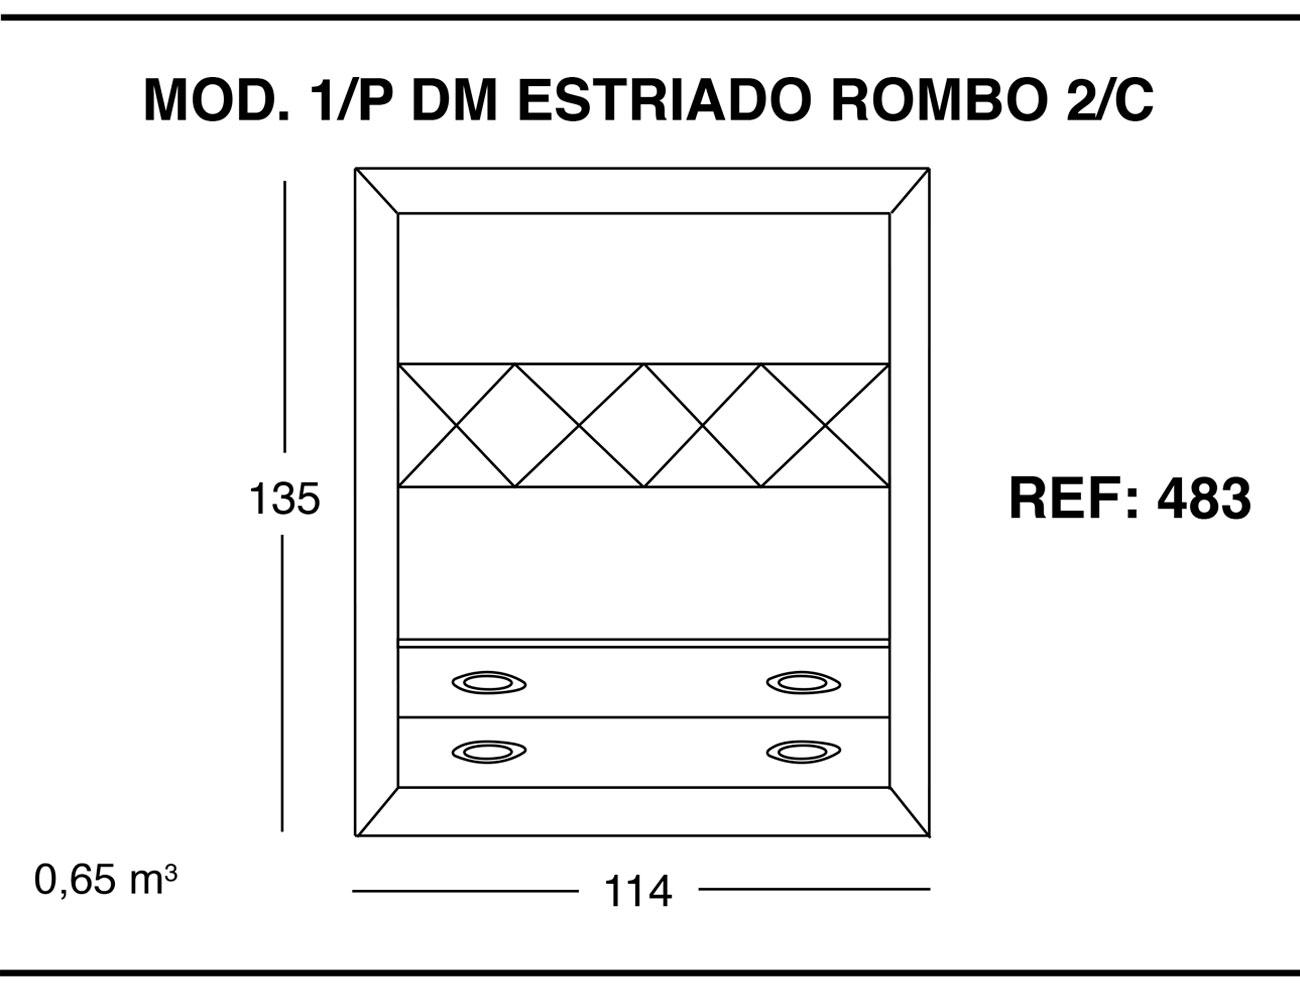 Modulo 1 puerta dm estriado rombo 2 cajones